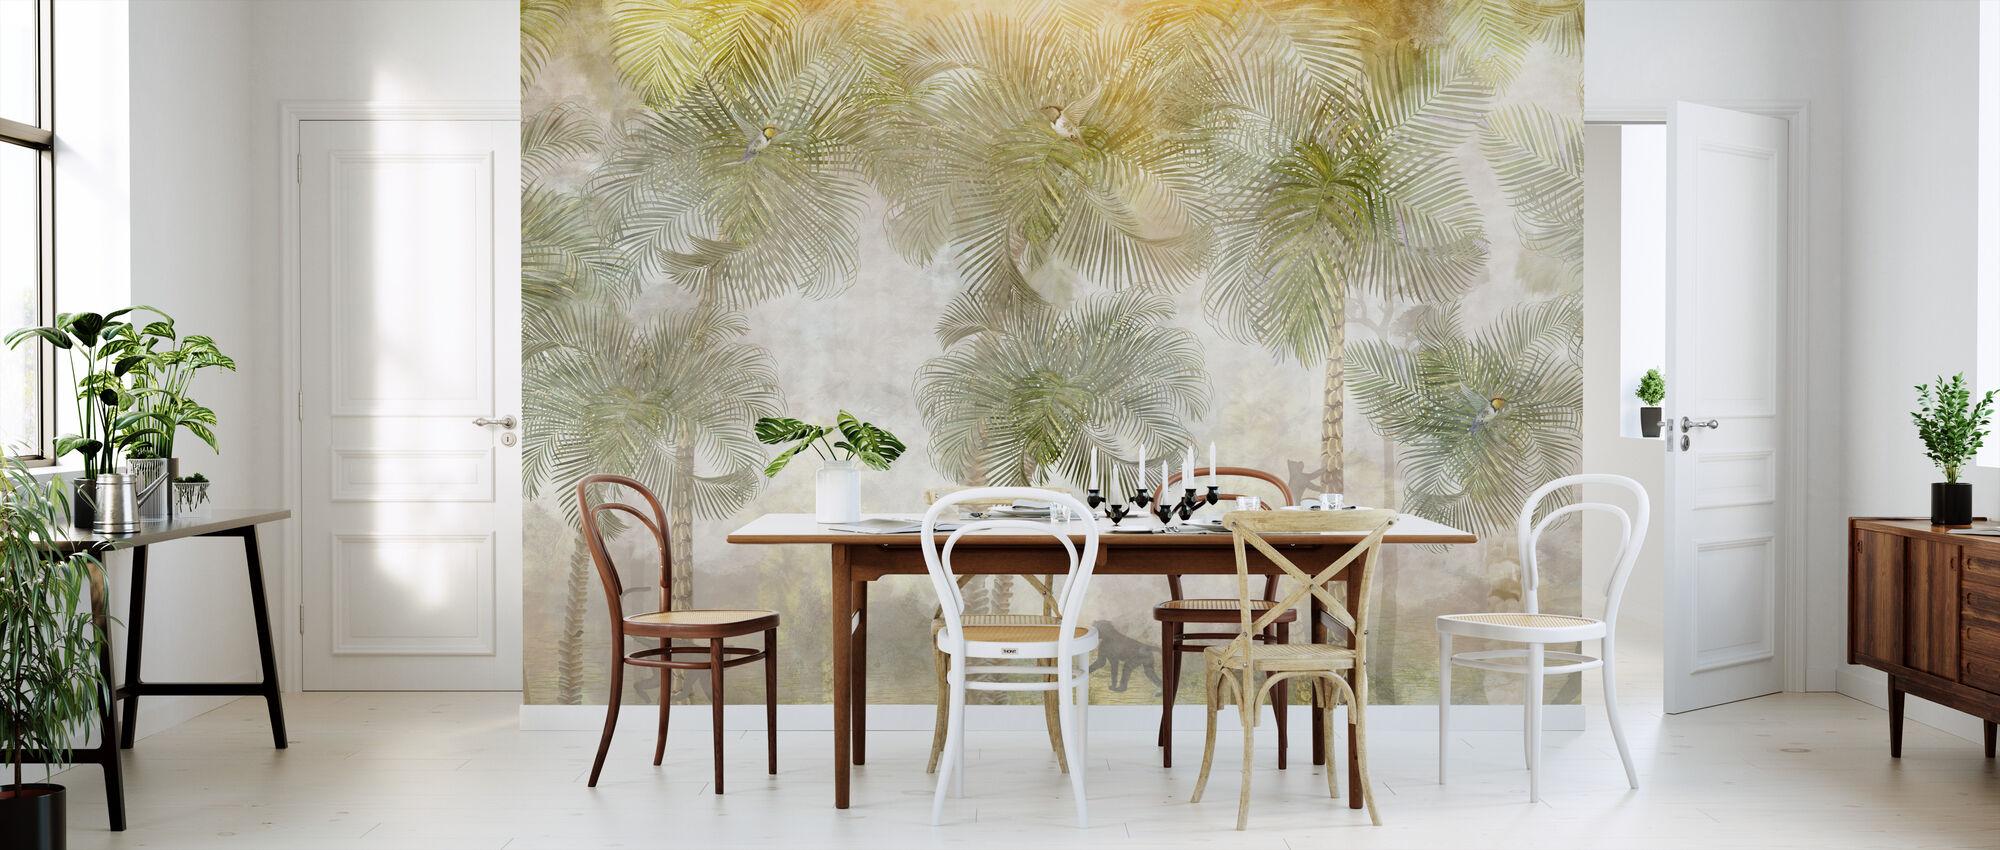 Monkeys Residence II - Wallpaper - Kitchen